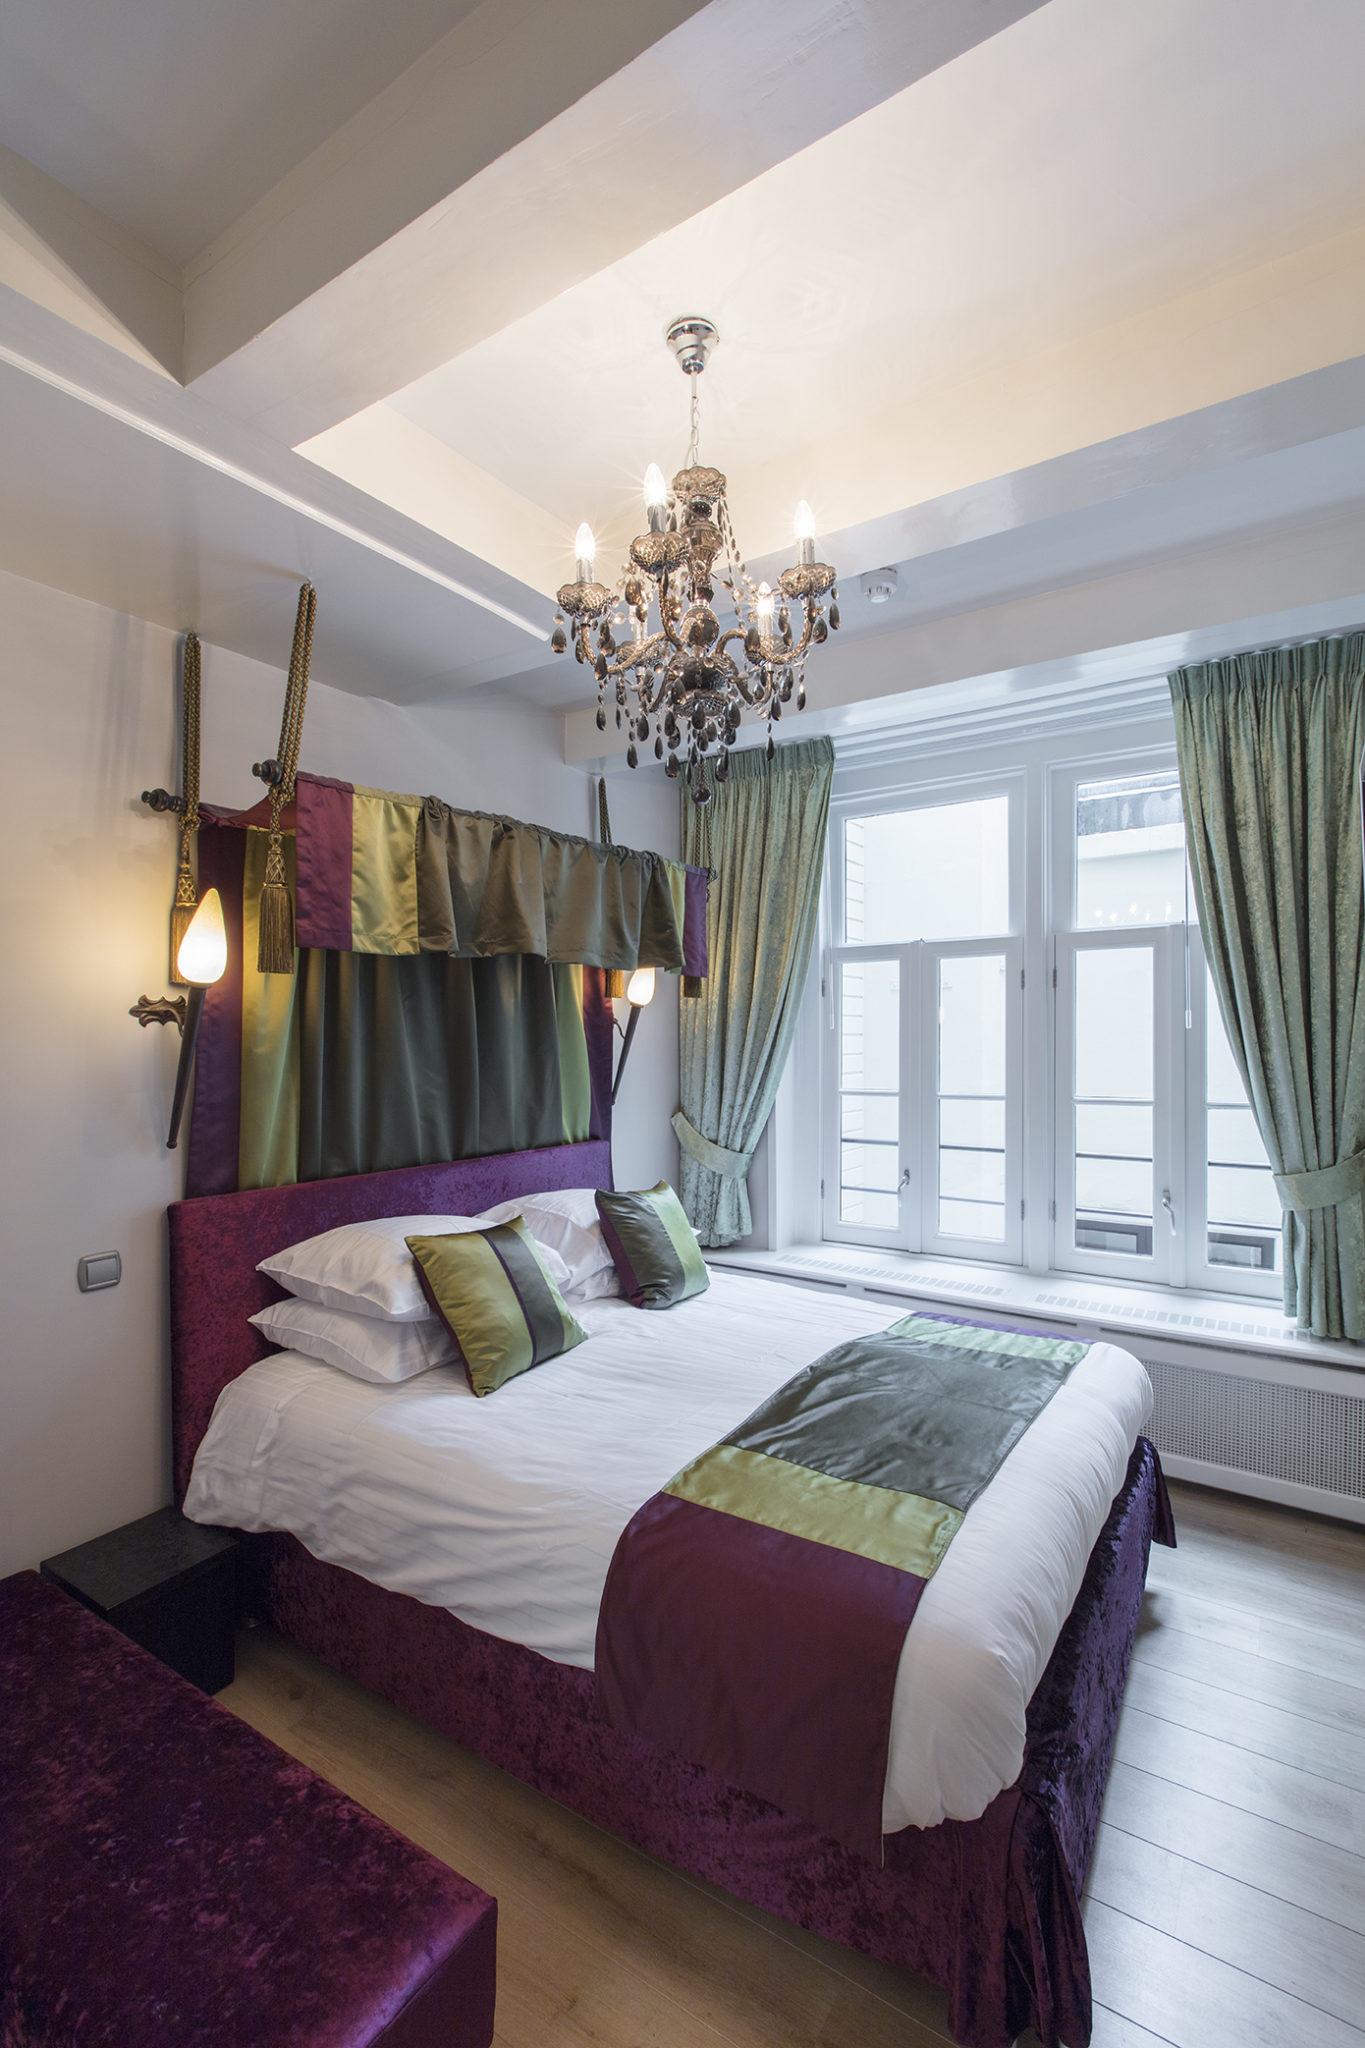 Dutch Masters Amsterdam Rembrandt van Rijn Apartment Bedroom © Michael van Oosten